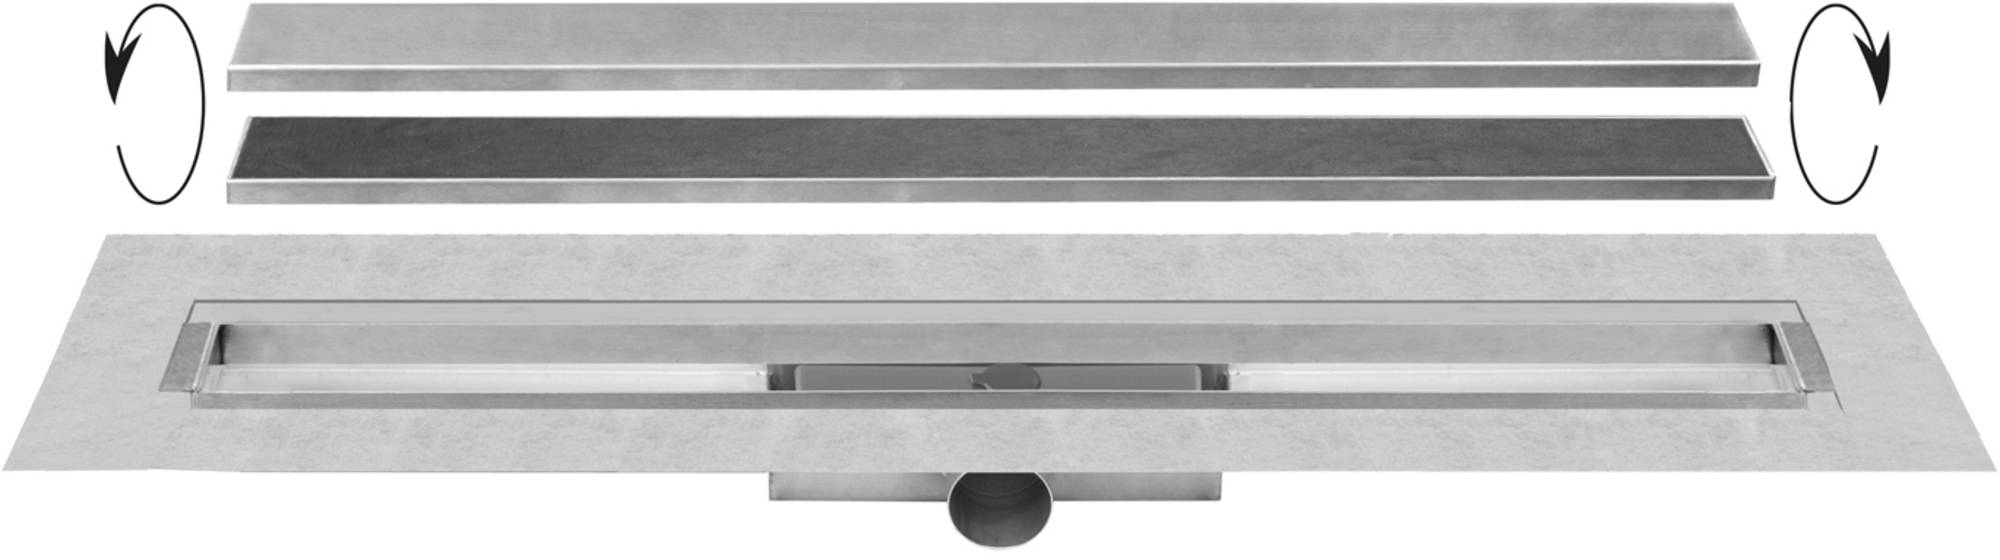 Easydrain Compact 30 taf afvoergoot 120 cm,rooster als zero of tegel design, rvs